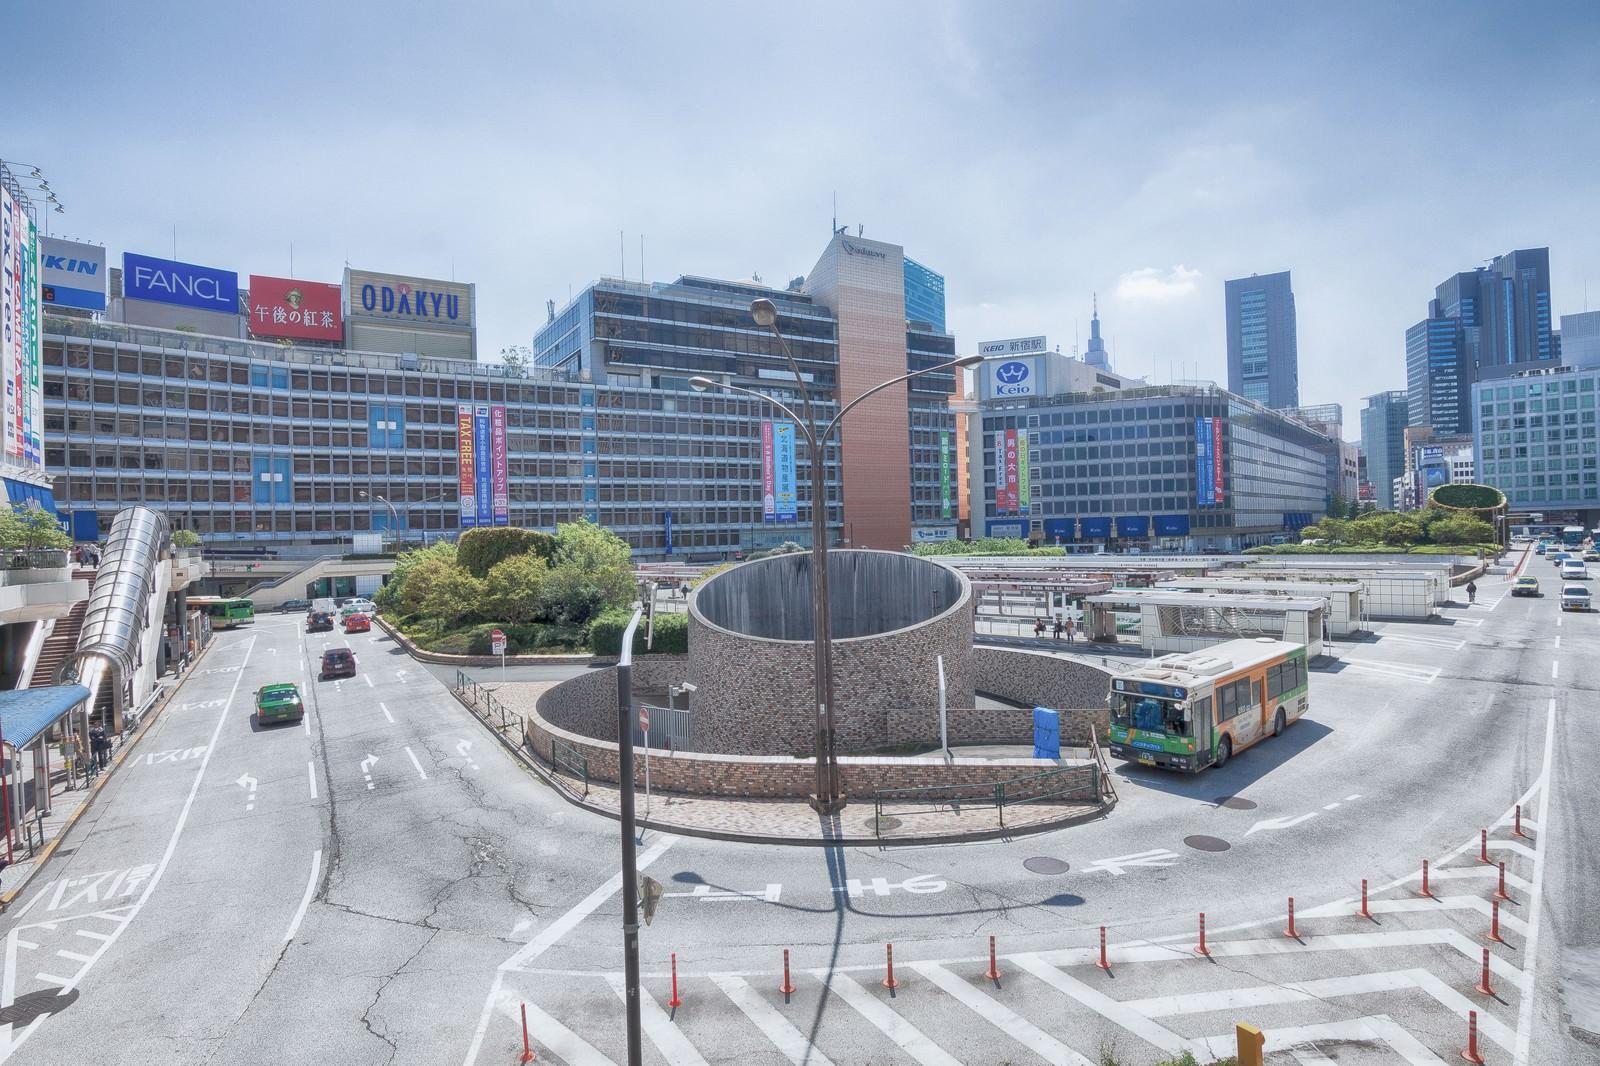 「新宿駅前のバスターミナル新宿駅前のバスターミナル」のフリー写真素材を拡大